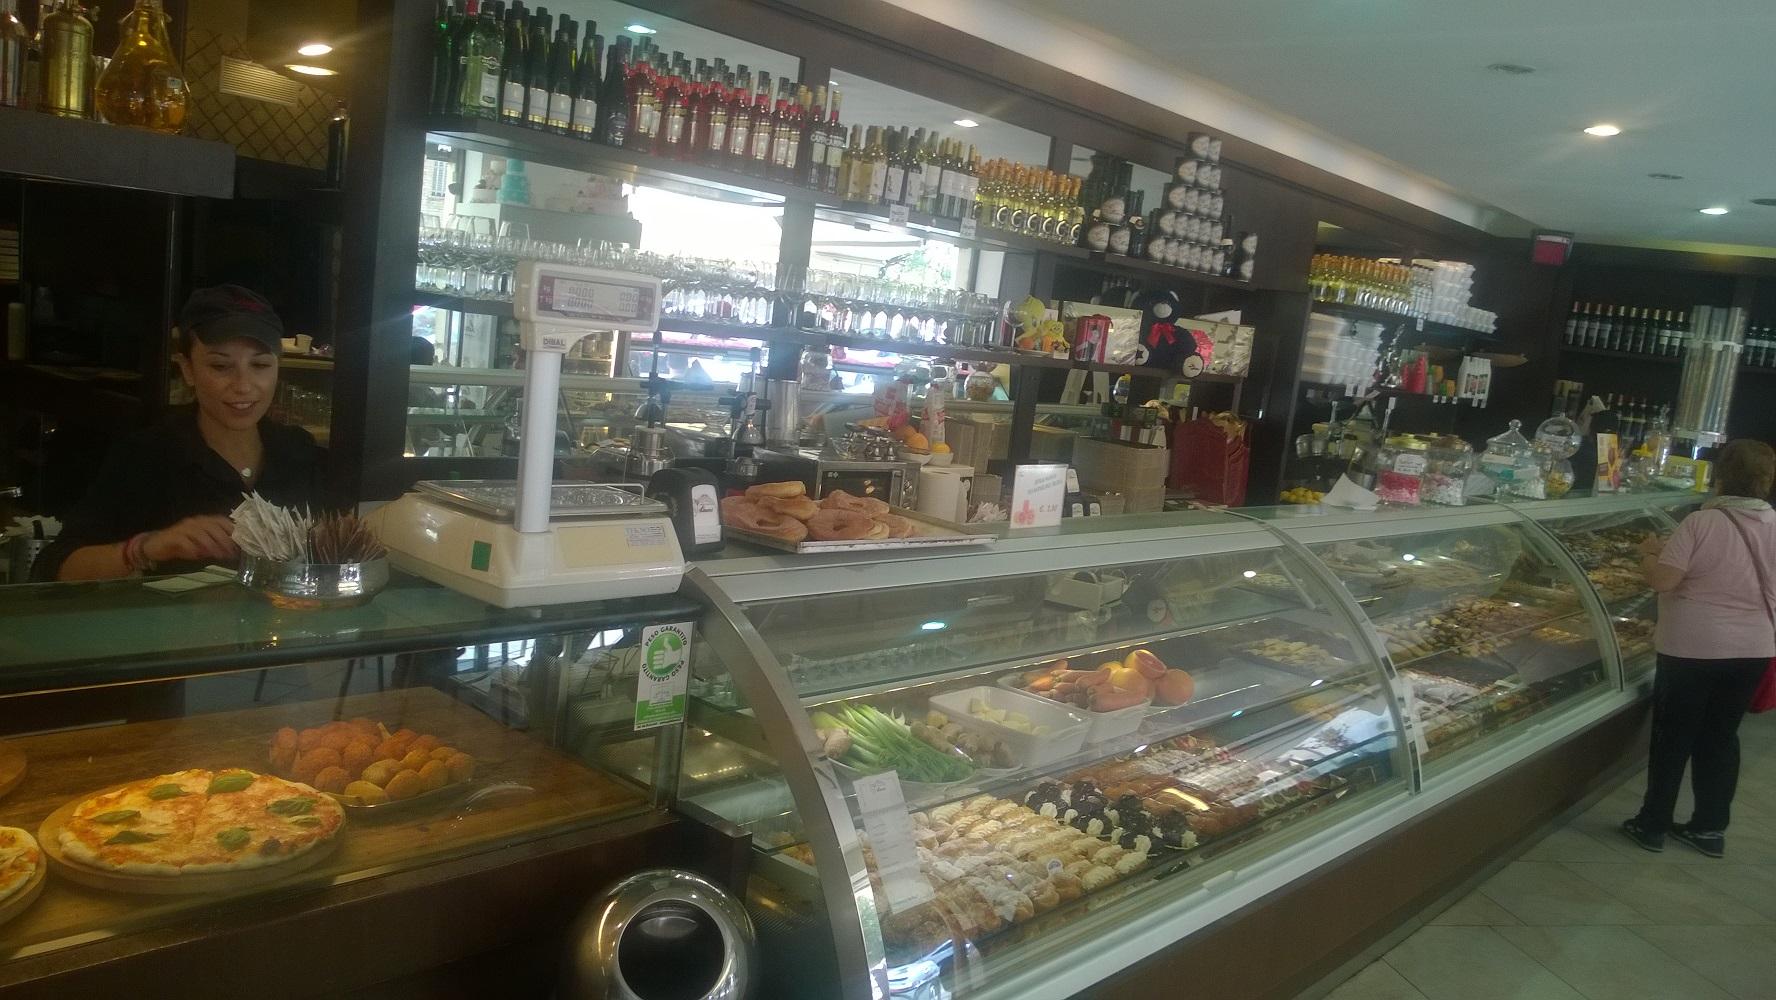 Classic & divine pastries at Linari Pasticceria in old Testaccio neighborhood, Roma